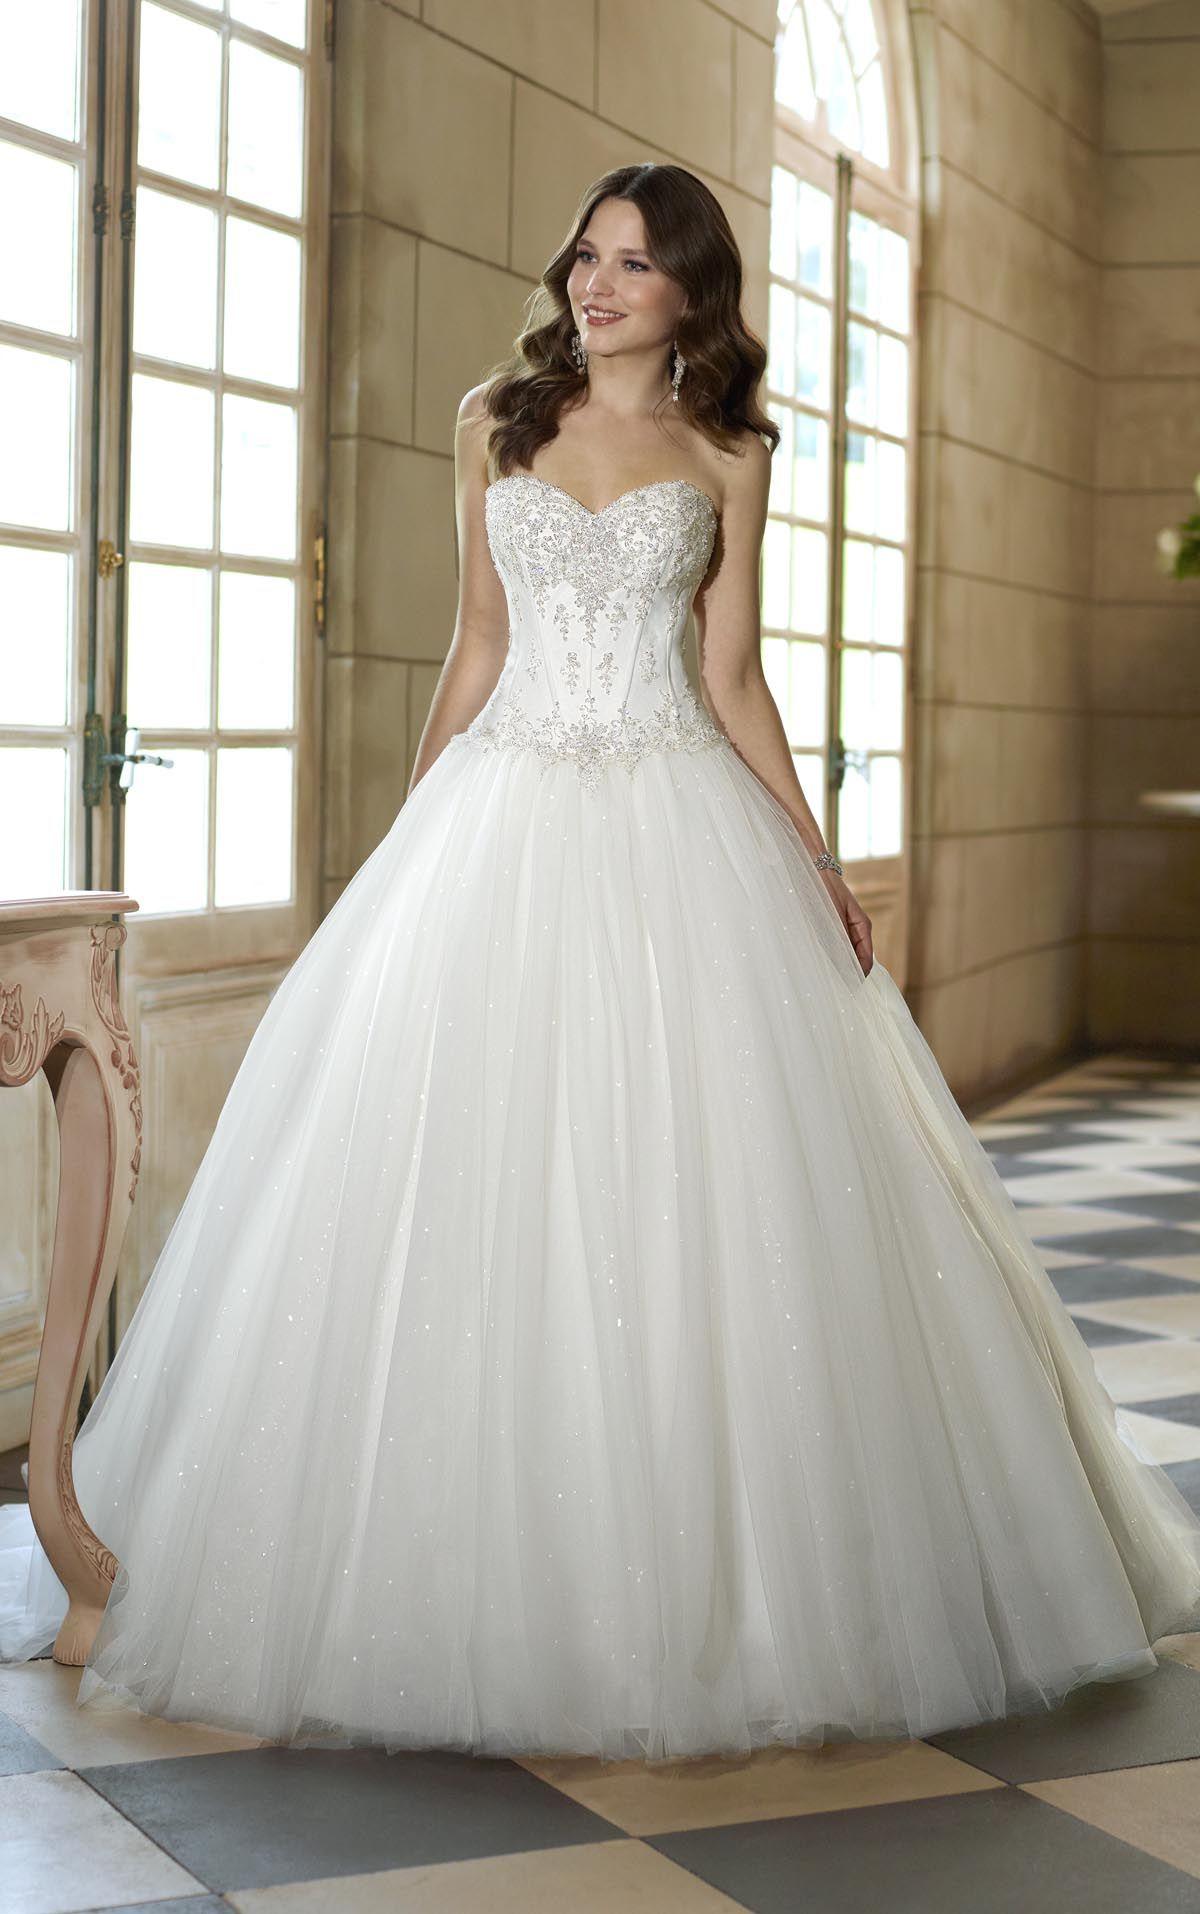 16 Best Ball Gown Wedding Dresses Ideas | Wedding Dresses ...